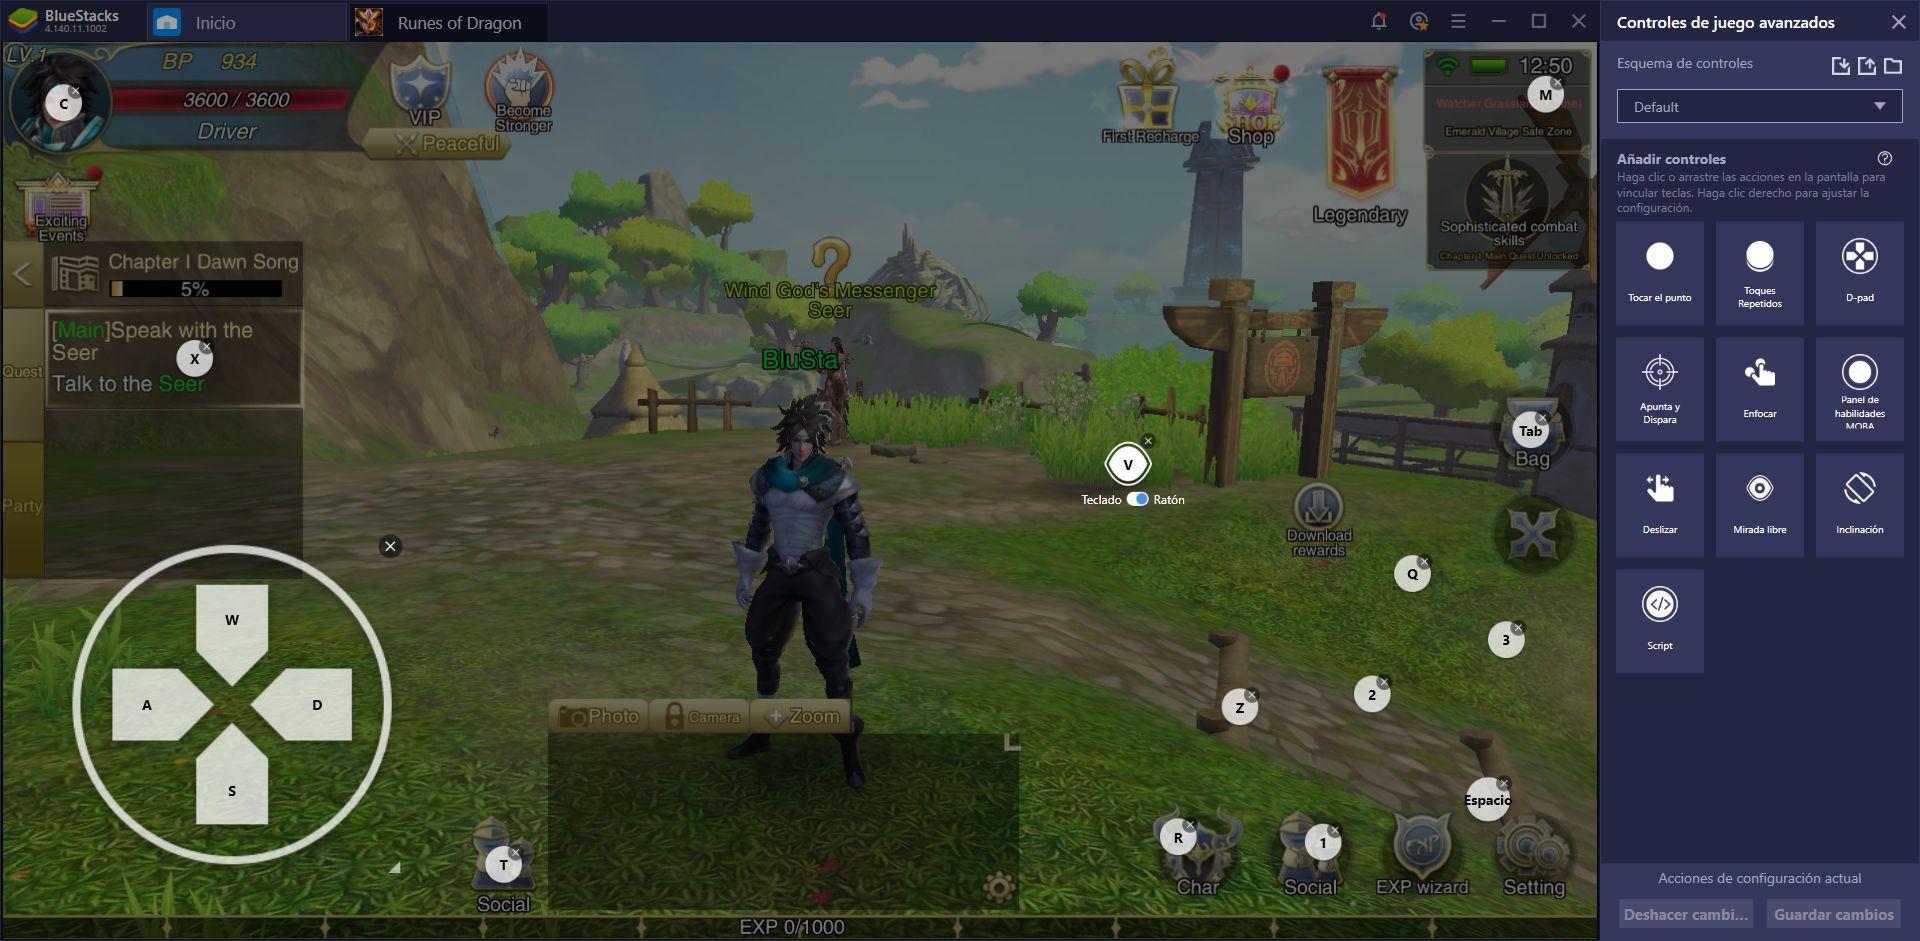 Cómo Jugar Runes of Dragon en tu PC con BlueStacks